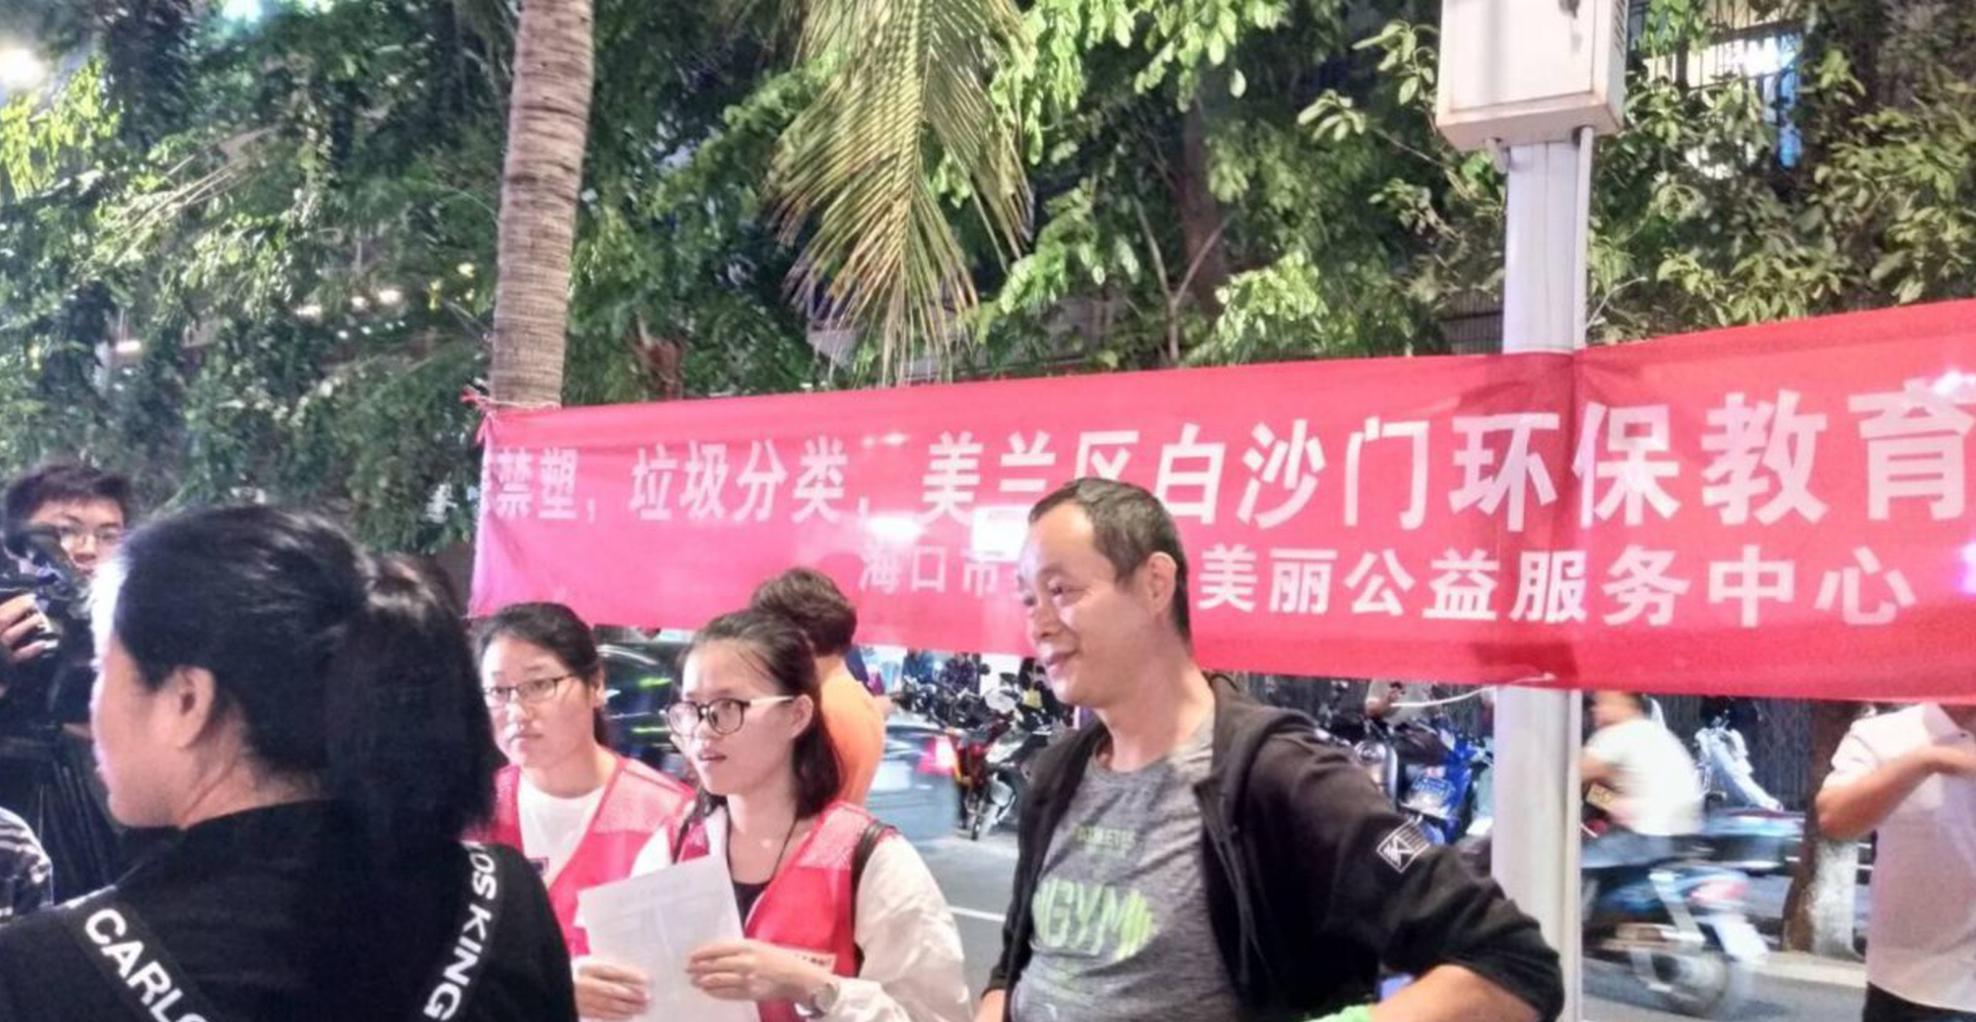 禁塑环保系列公益活动启动 将走进海口7个社区宣传